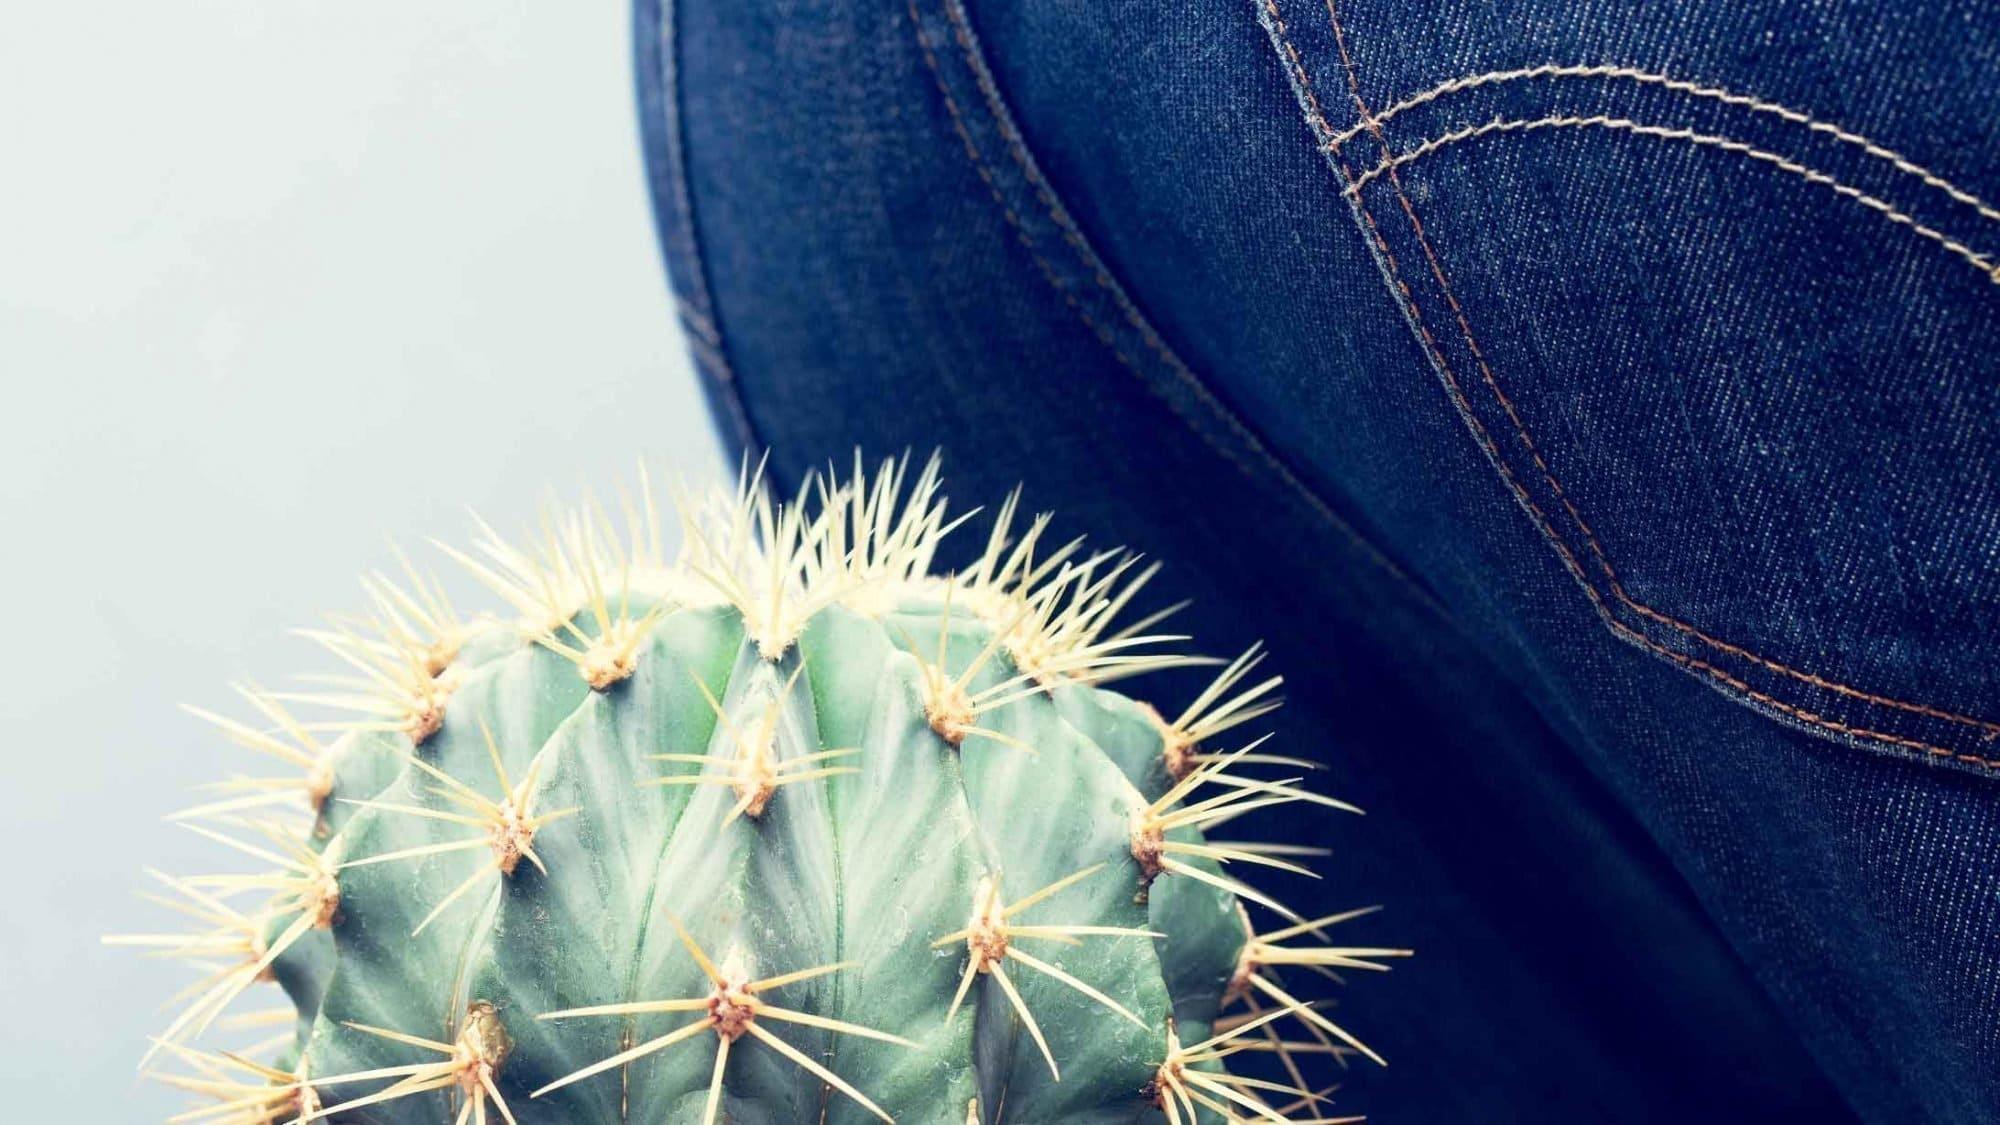 Eine Person setzt sich auf einen Kaktus